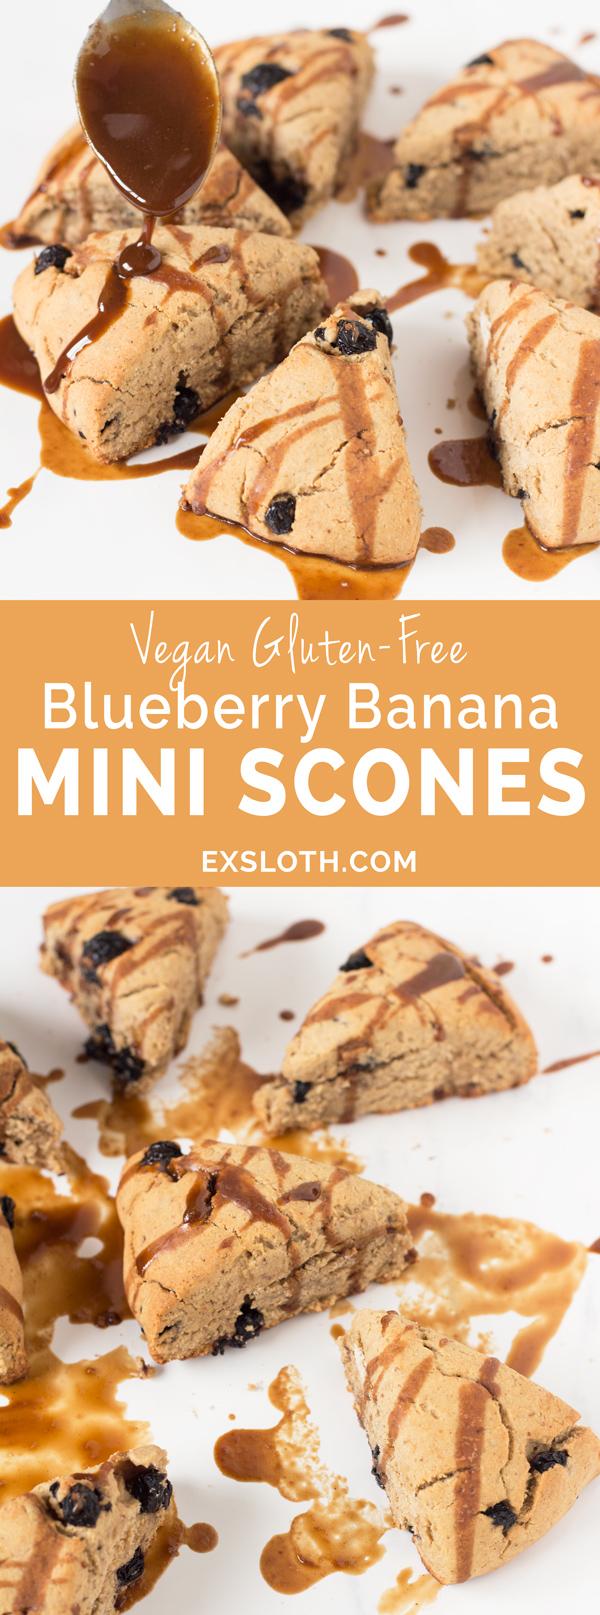 Gluten-Free Vegan Blueberry Banana Scones with Blueberry Black Tea Glaze via @ExSloth | ExSloth.com